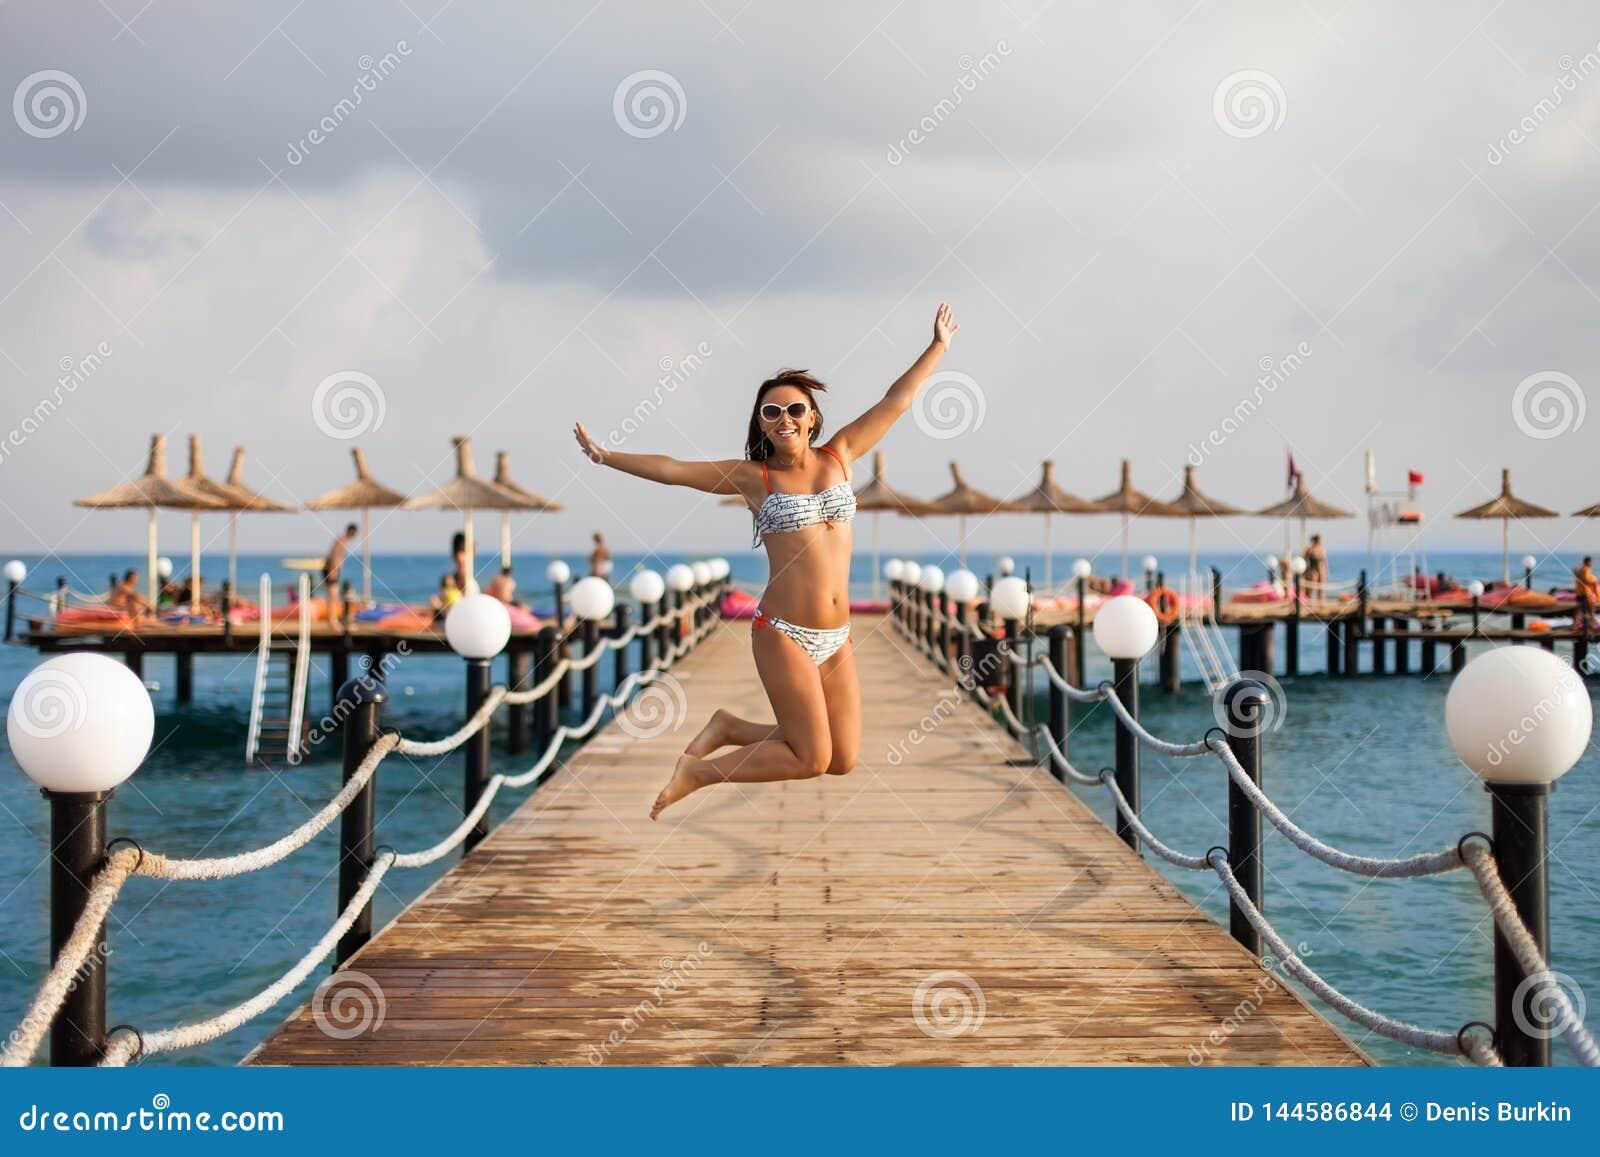 La muchacha en el traje de baño saltó en el embarcadero Muchacha feliz en el embarcadero Concepto de la libertad La muchacha enca